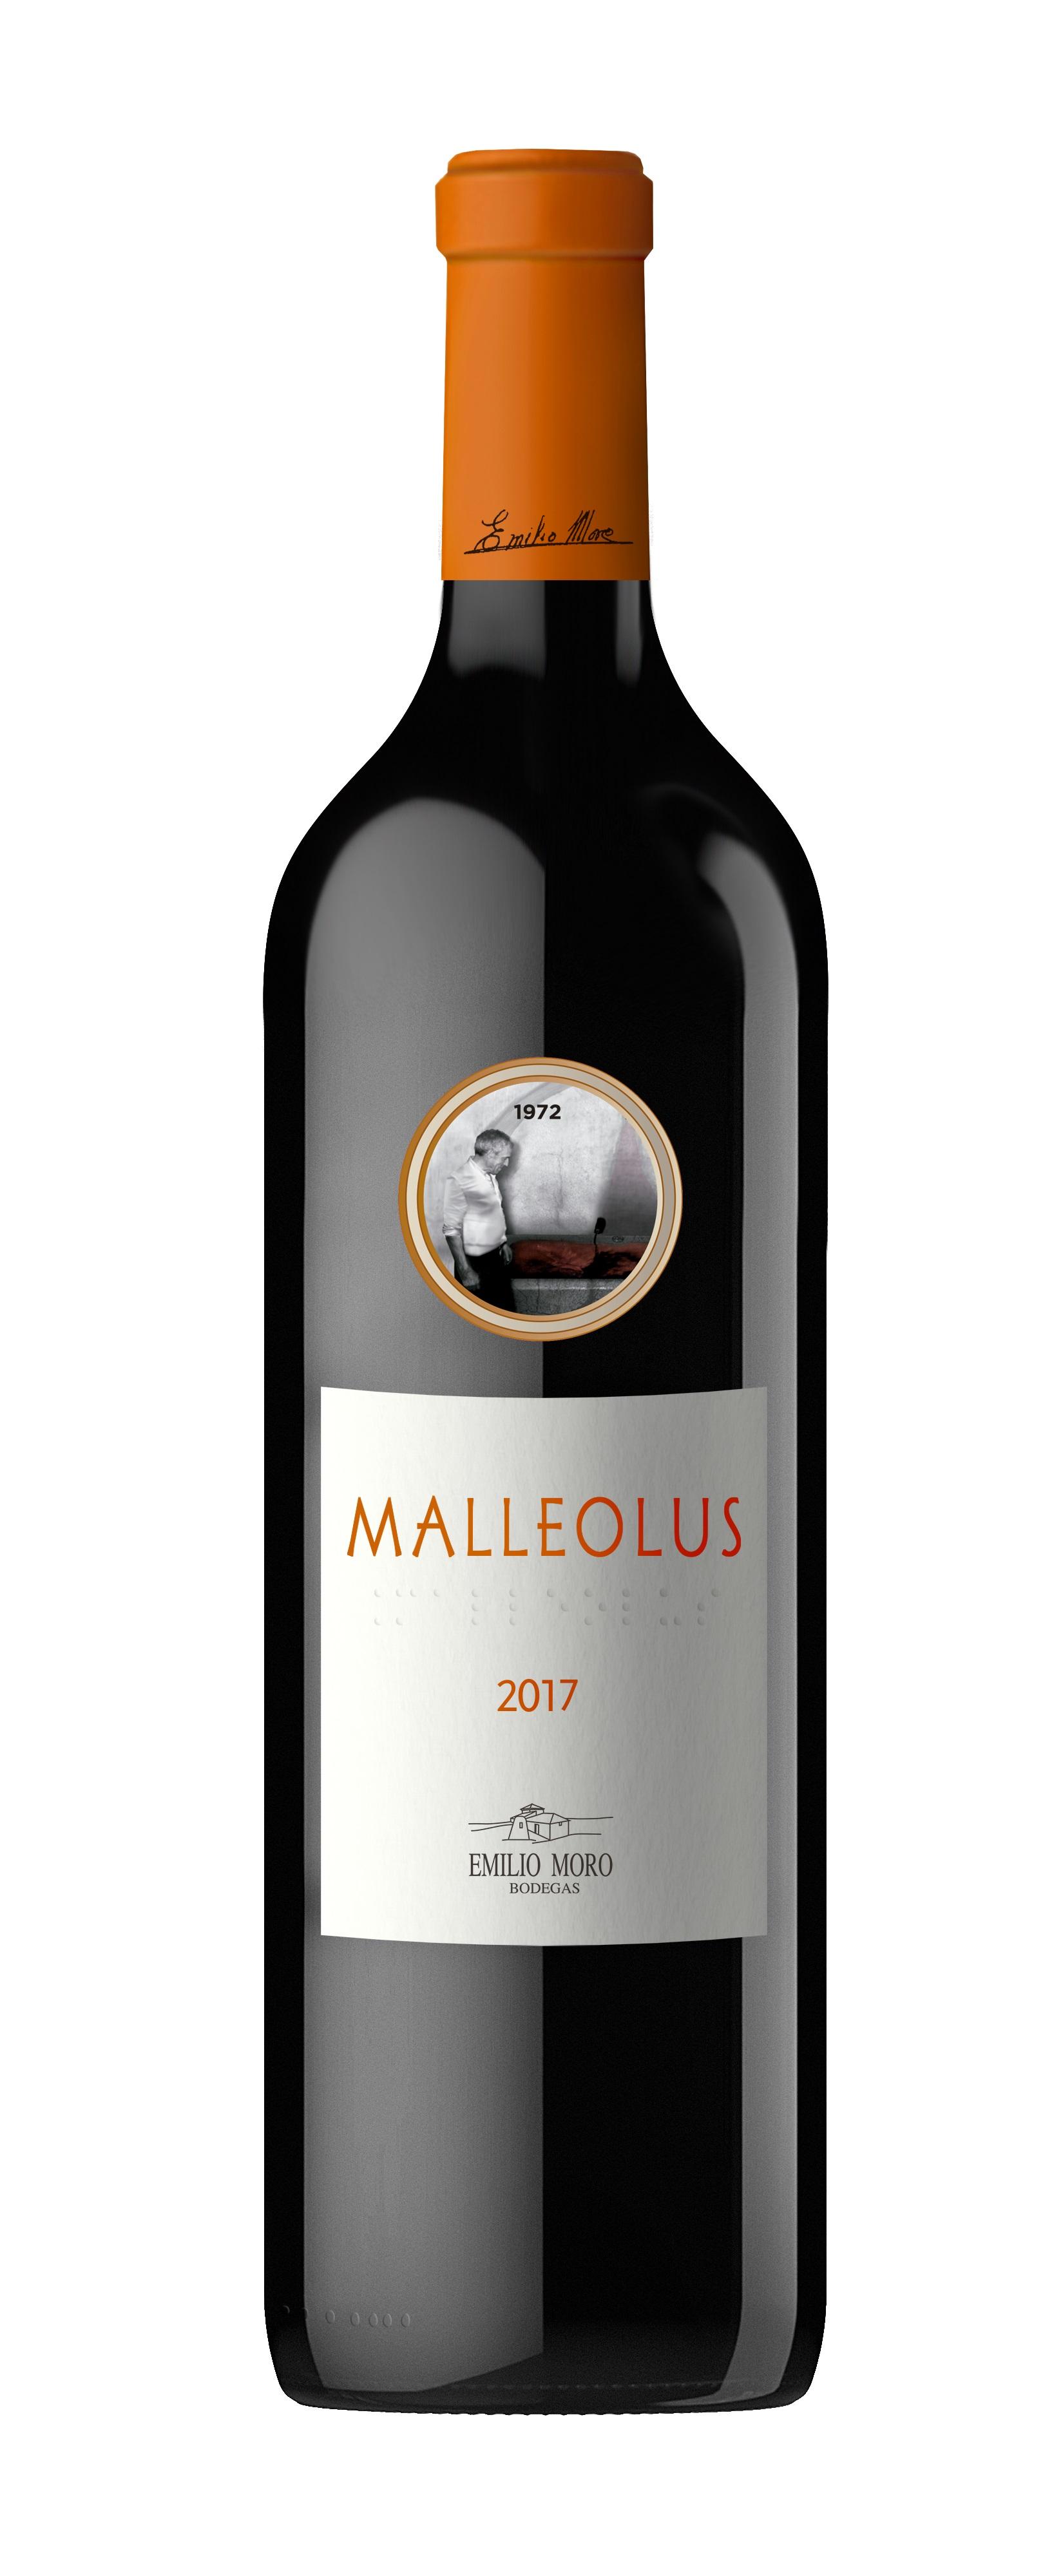 Malleolus cumple 20 años y lo celebra con su añada más redonda